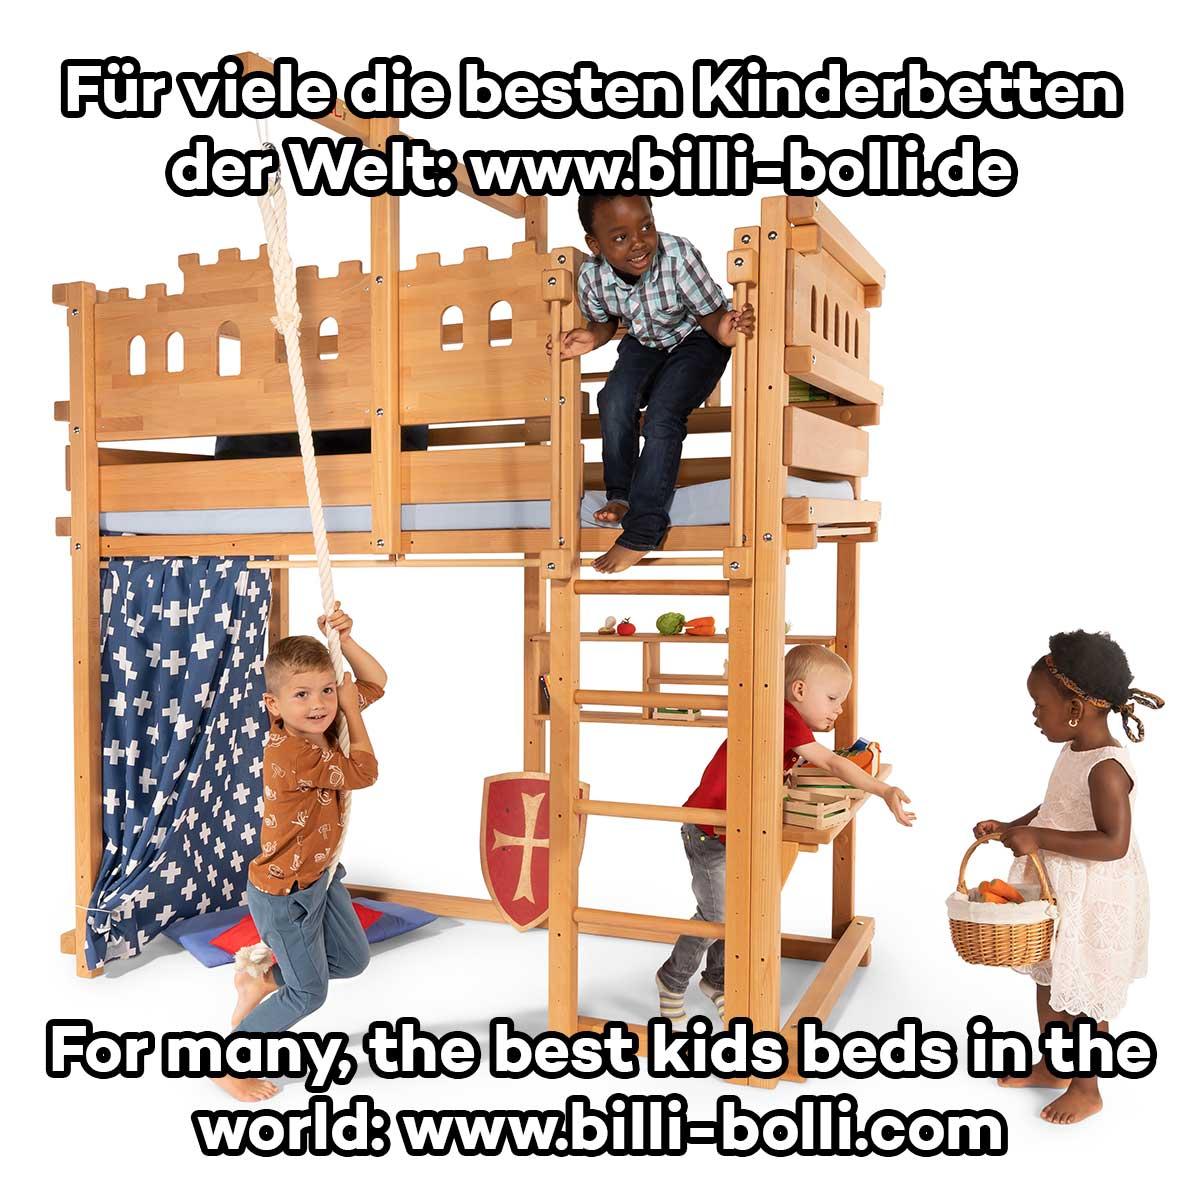 mitwachsendes hochbett von billi bolli kinderbett. Black Bedroom Furniture Sets. Home Design Ideas